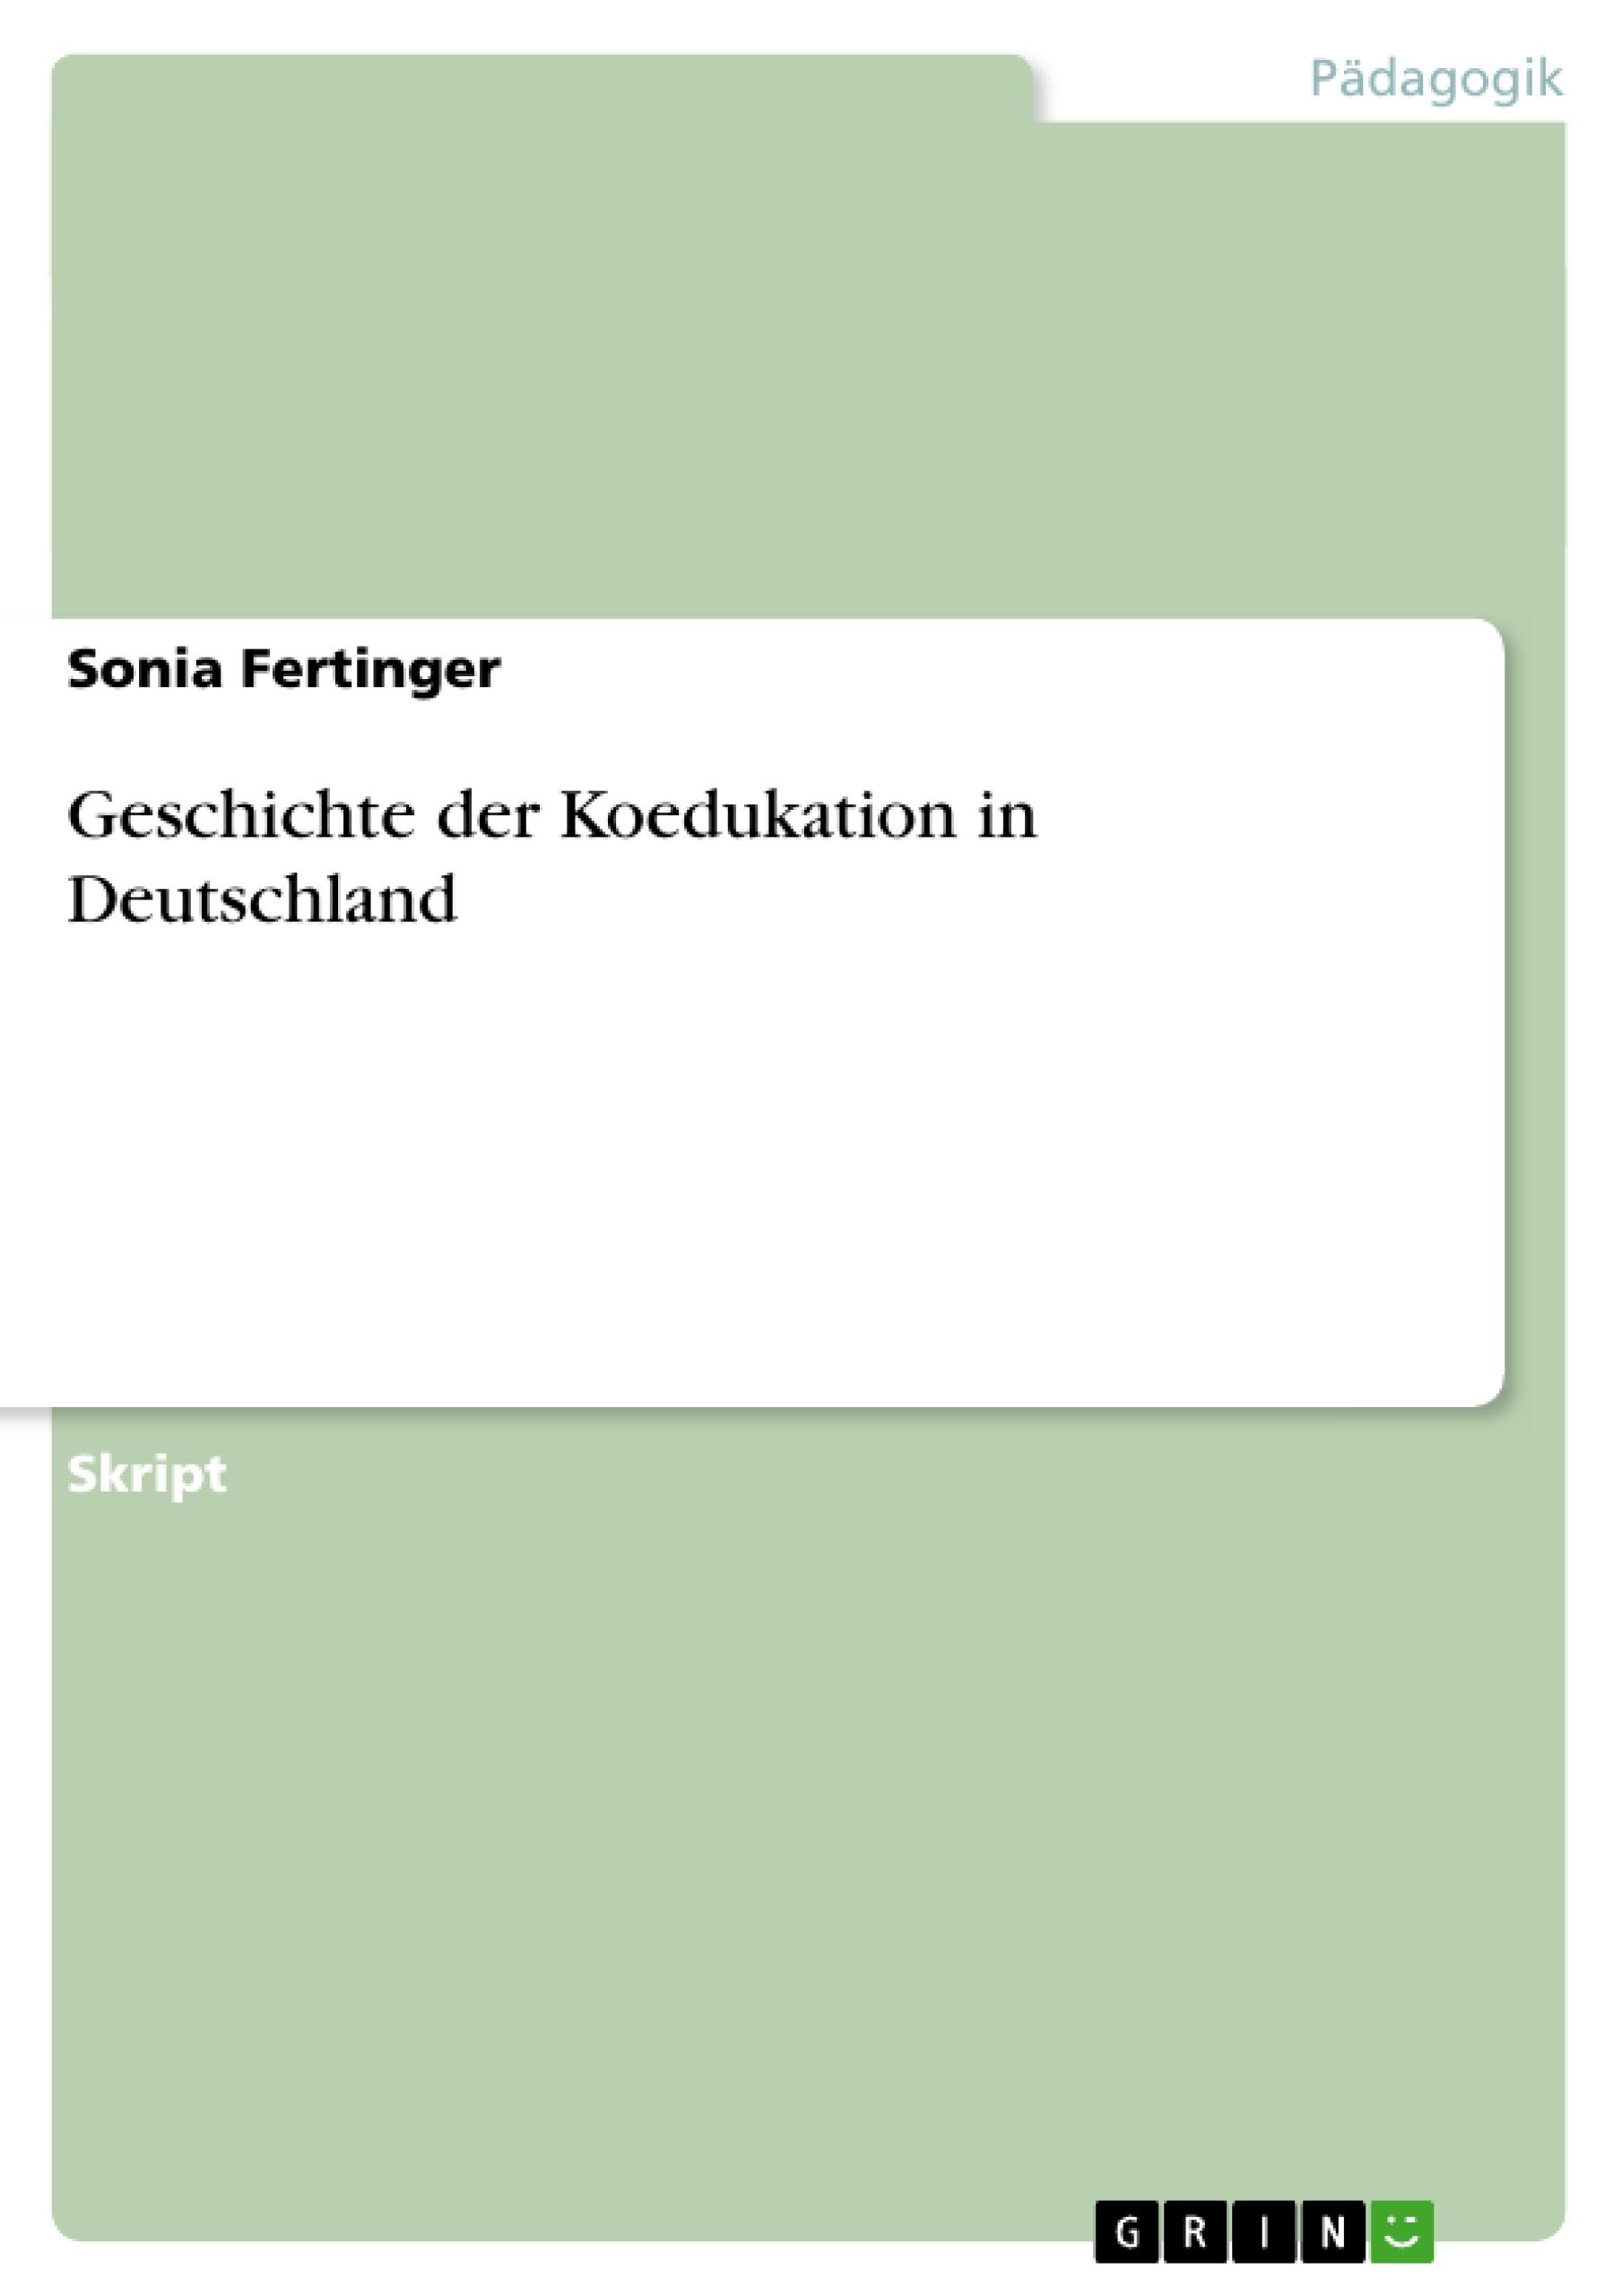 Titel: Geschichte der Koedukation in Deutschland